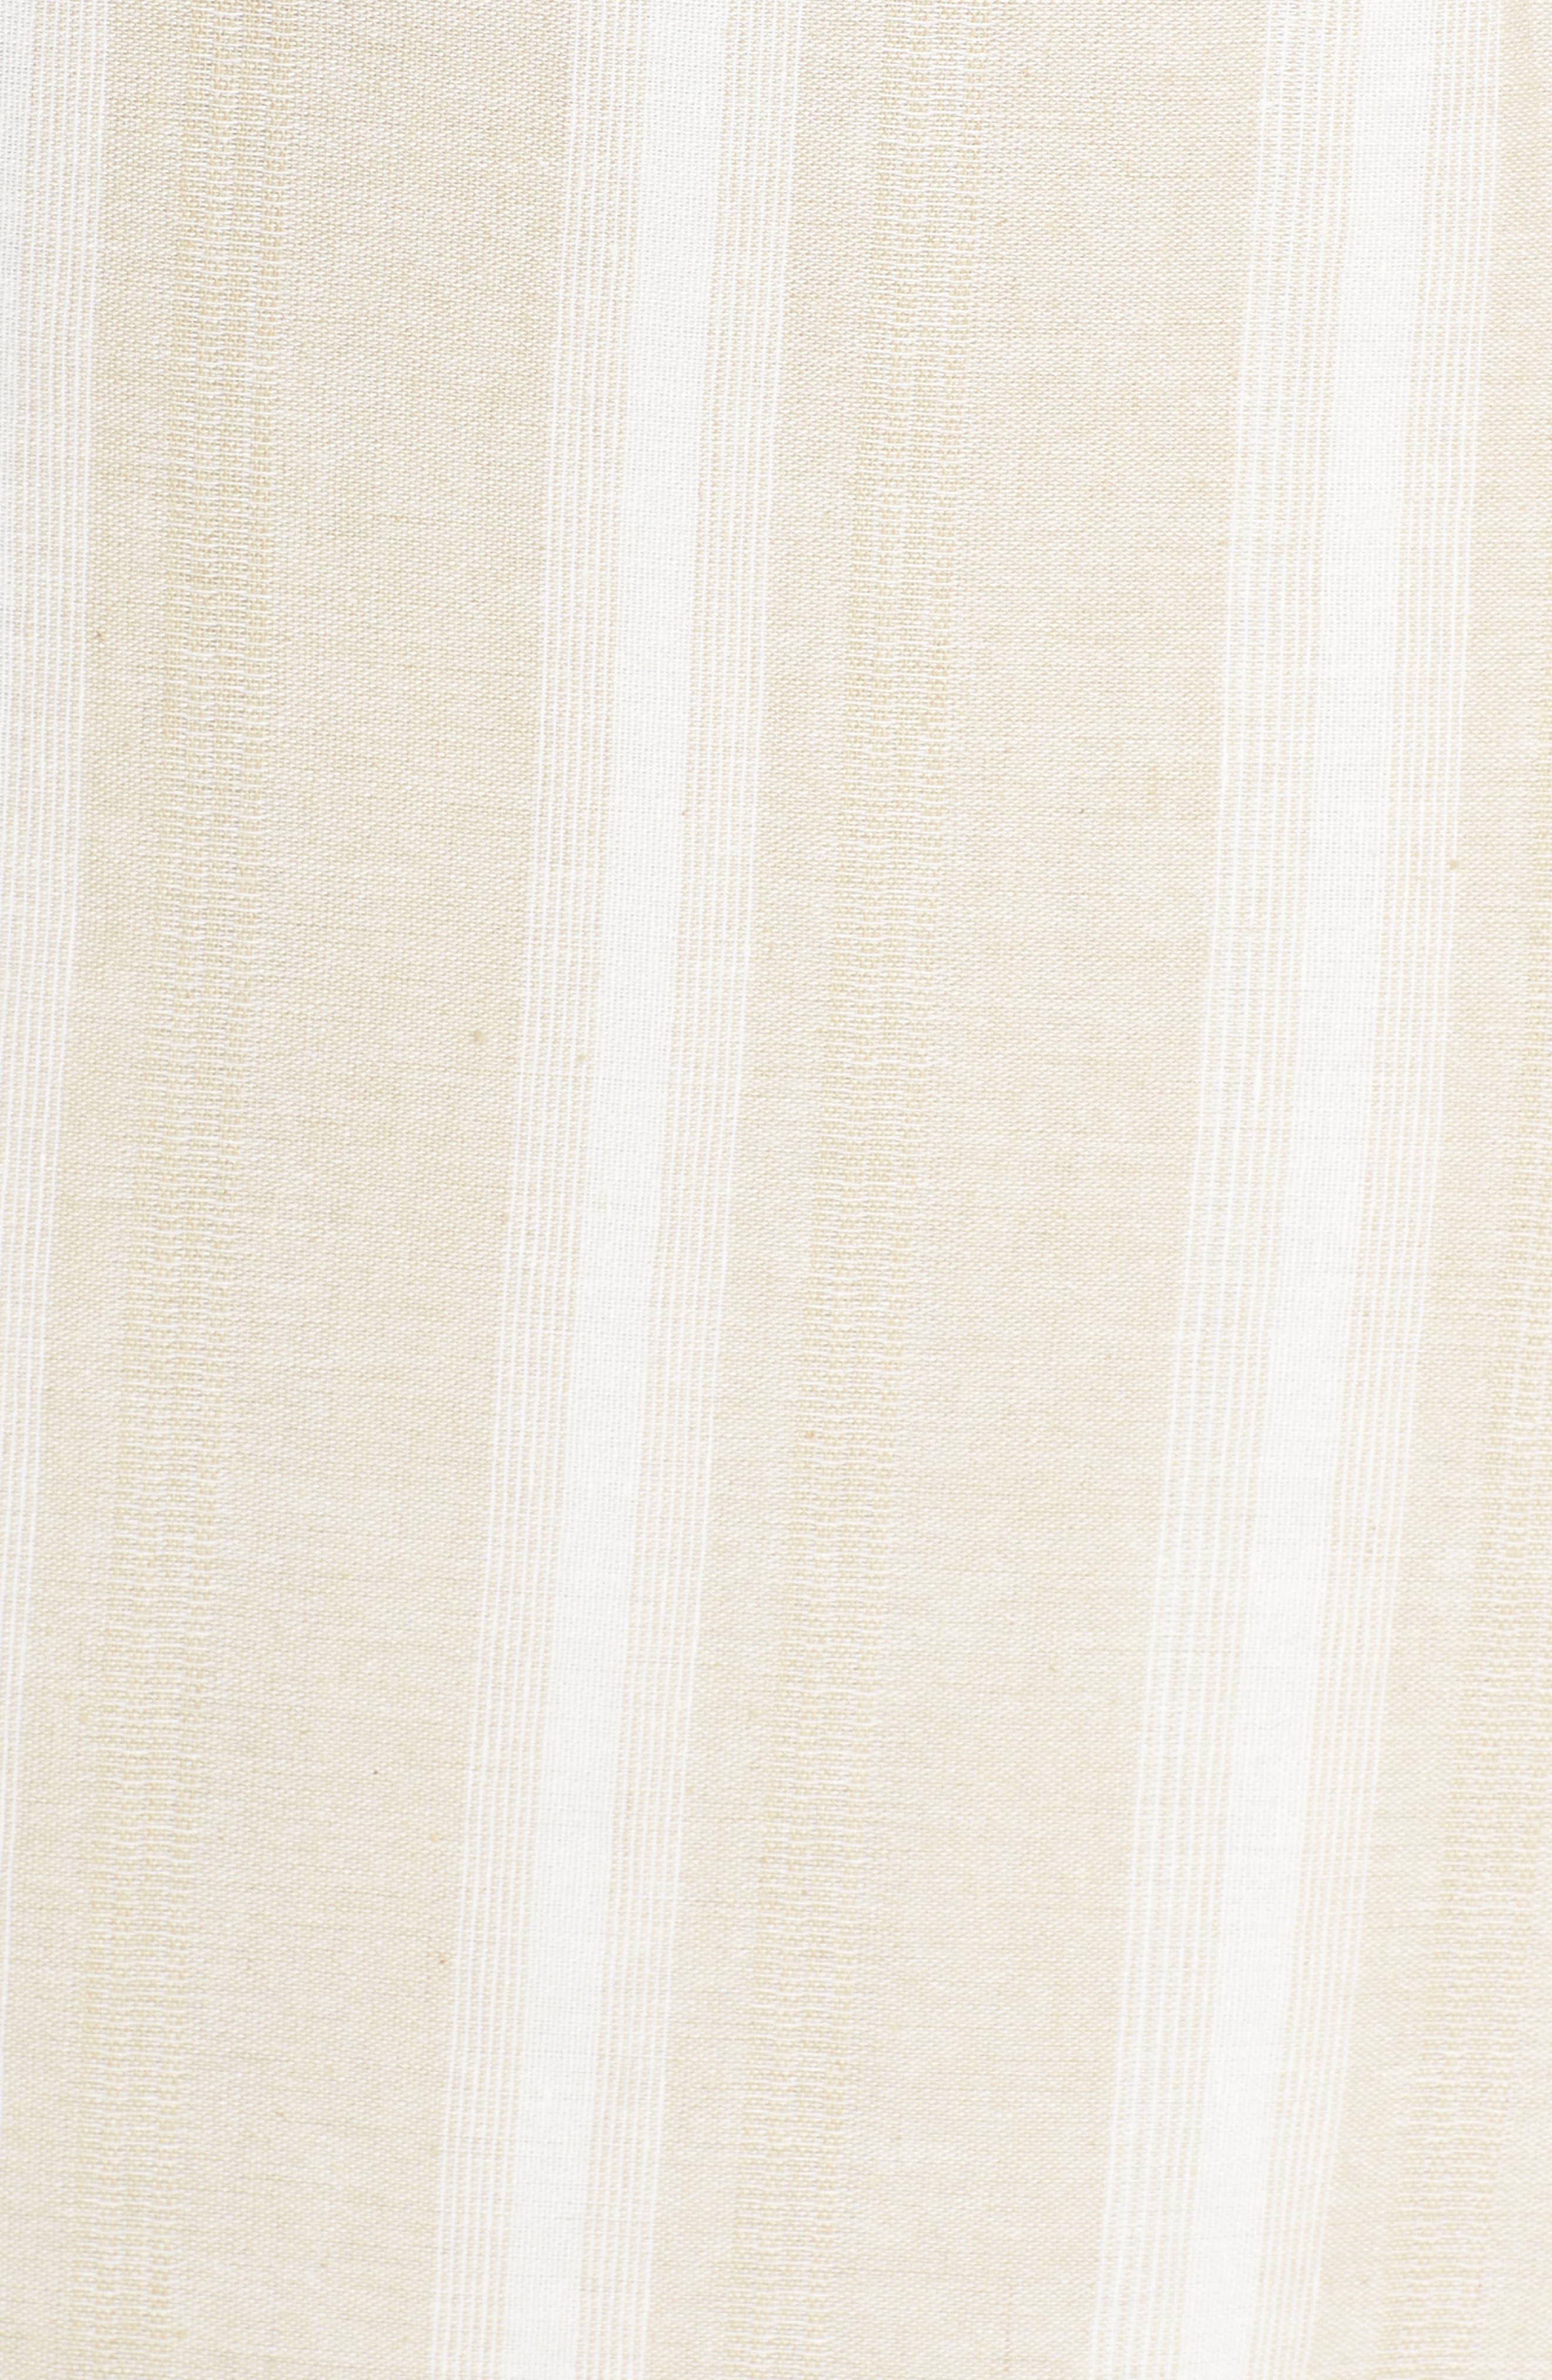 Peekabo Stripe Midi Dress,                             Alternate thumbnail 6, color,                             Sand